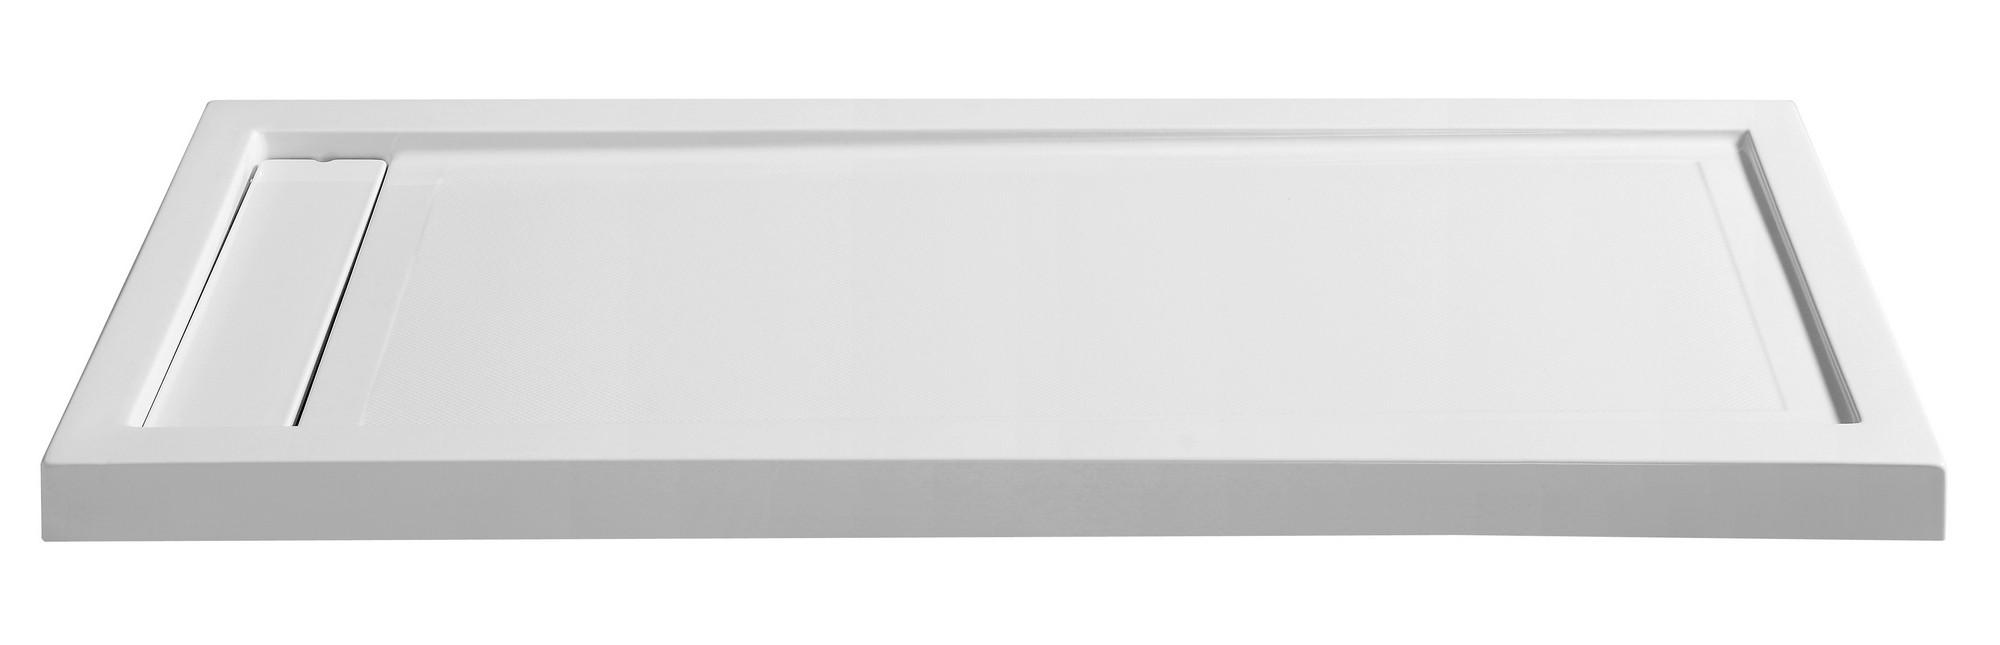 Anzzi SB-AZ013WL Meadow Series 60 in. x 32 in. Shower Base in White